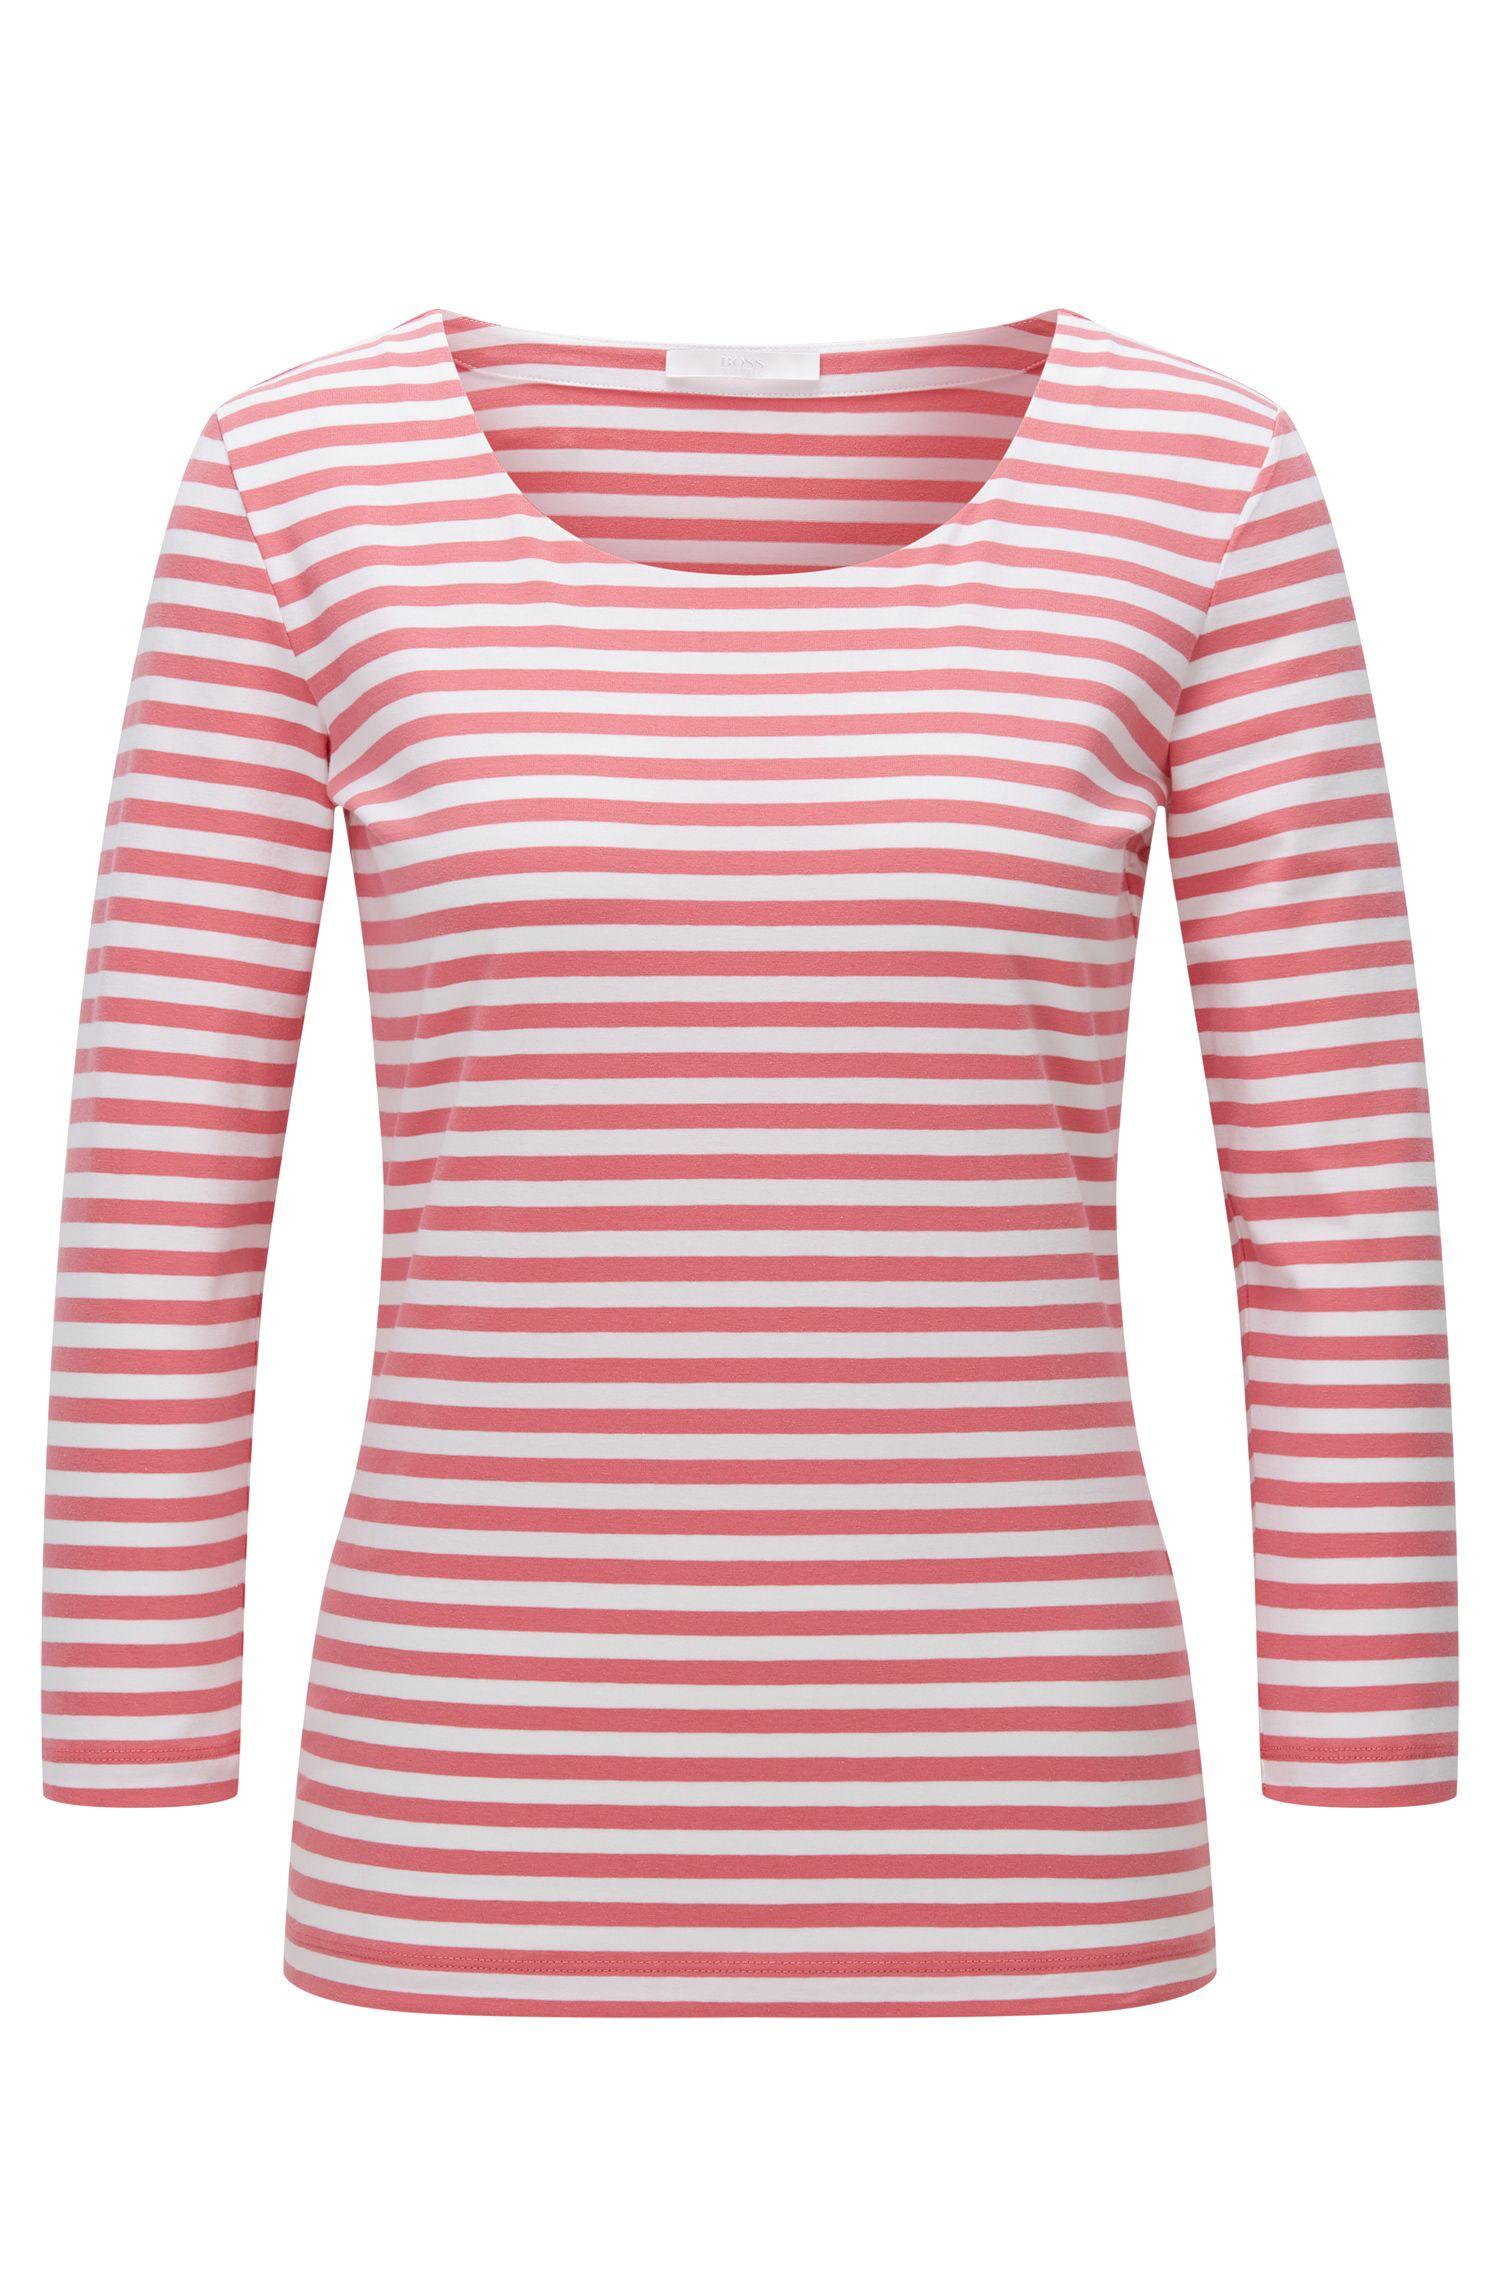 Camiseta regular fit en punto sencillo de algodón elástico